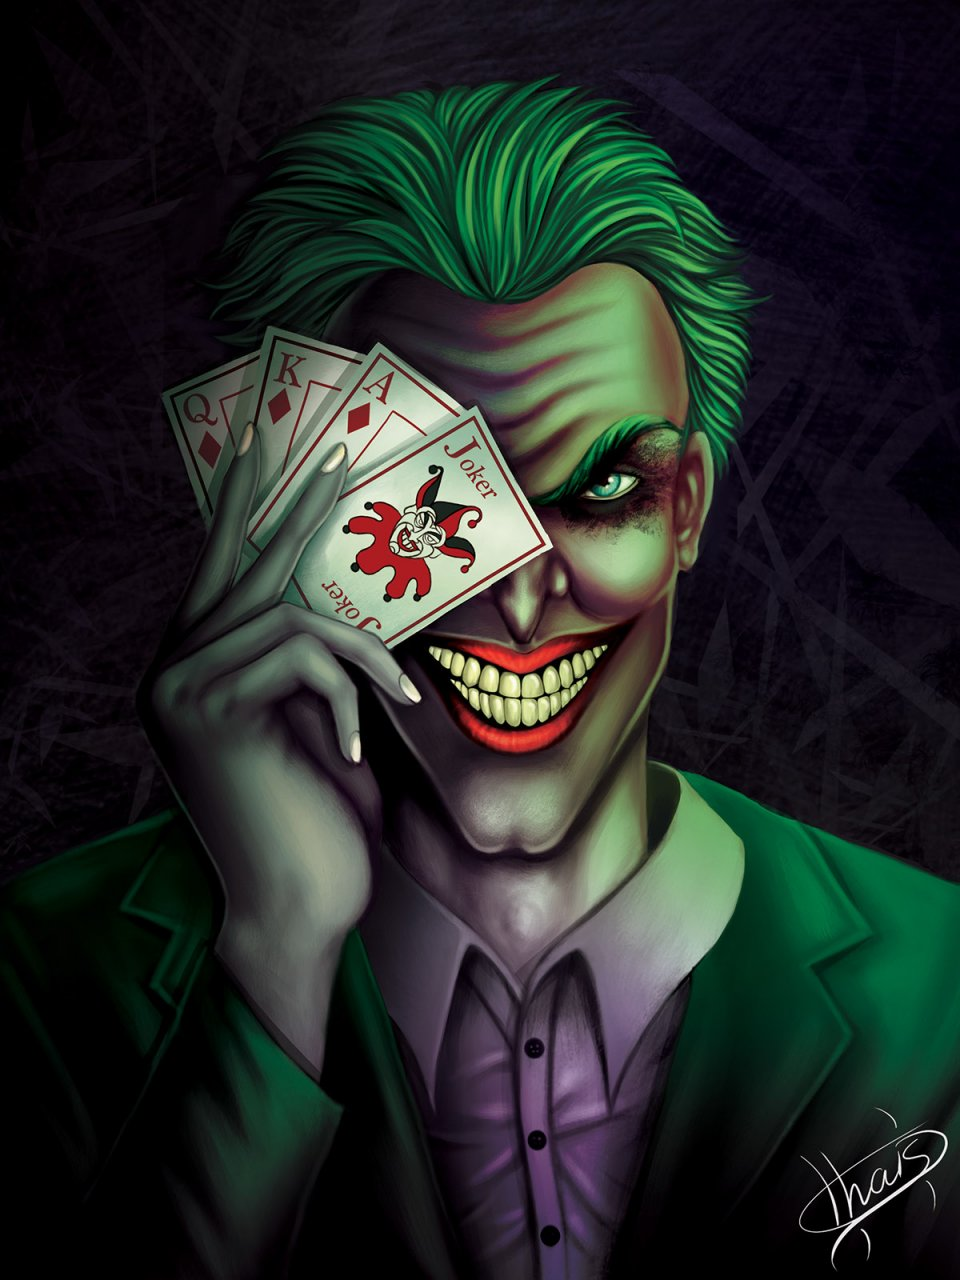 Colorful-Joker-And-Harley-Quinn-Art